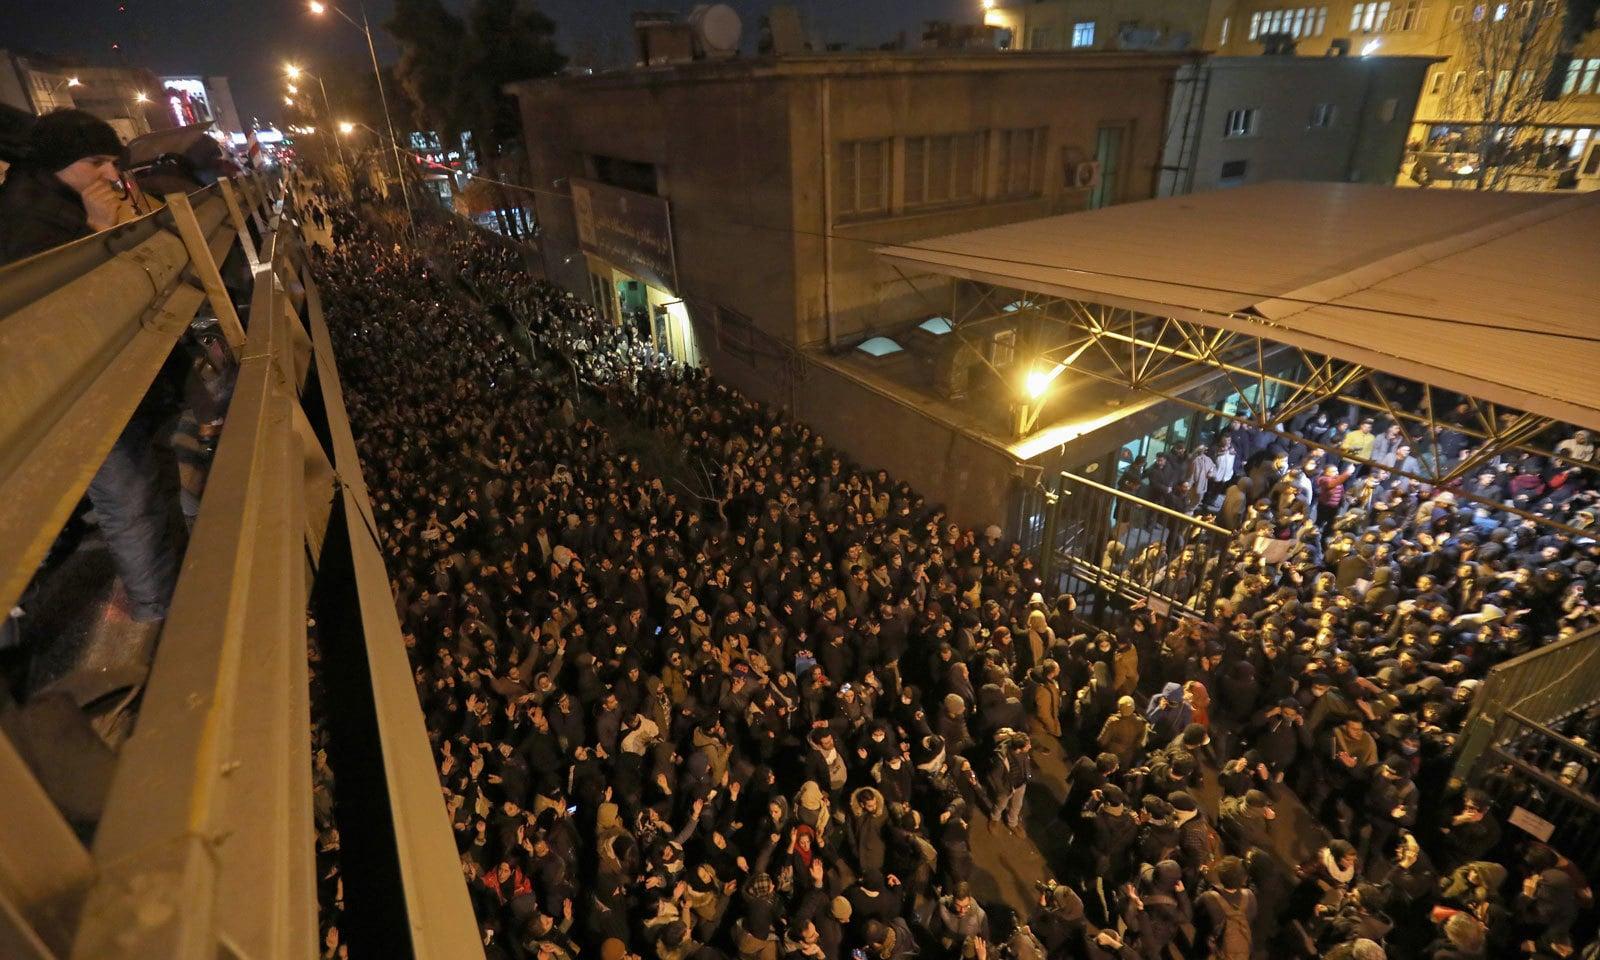 ایران کی جانب سے طیارے حادثے کی ذمے داری قبول کرنے کے بعد بڑی تعداد میں لوگوں نے تہران میں مظاہرے میں شرکت کی— فوٹو: اے ایف پی